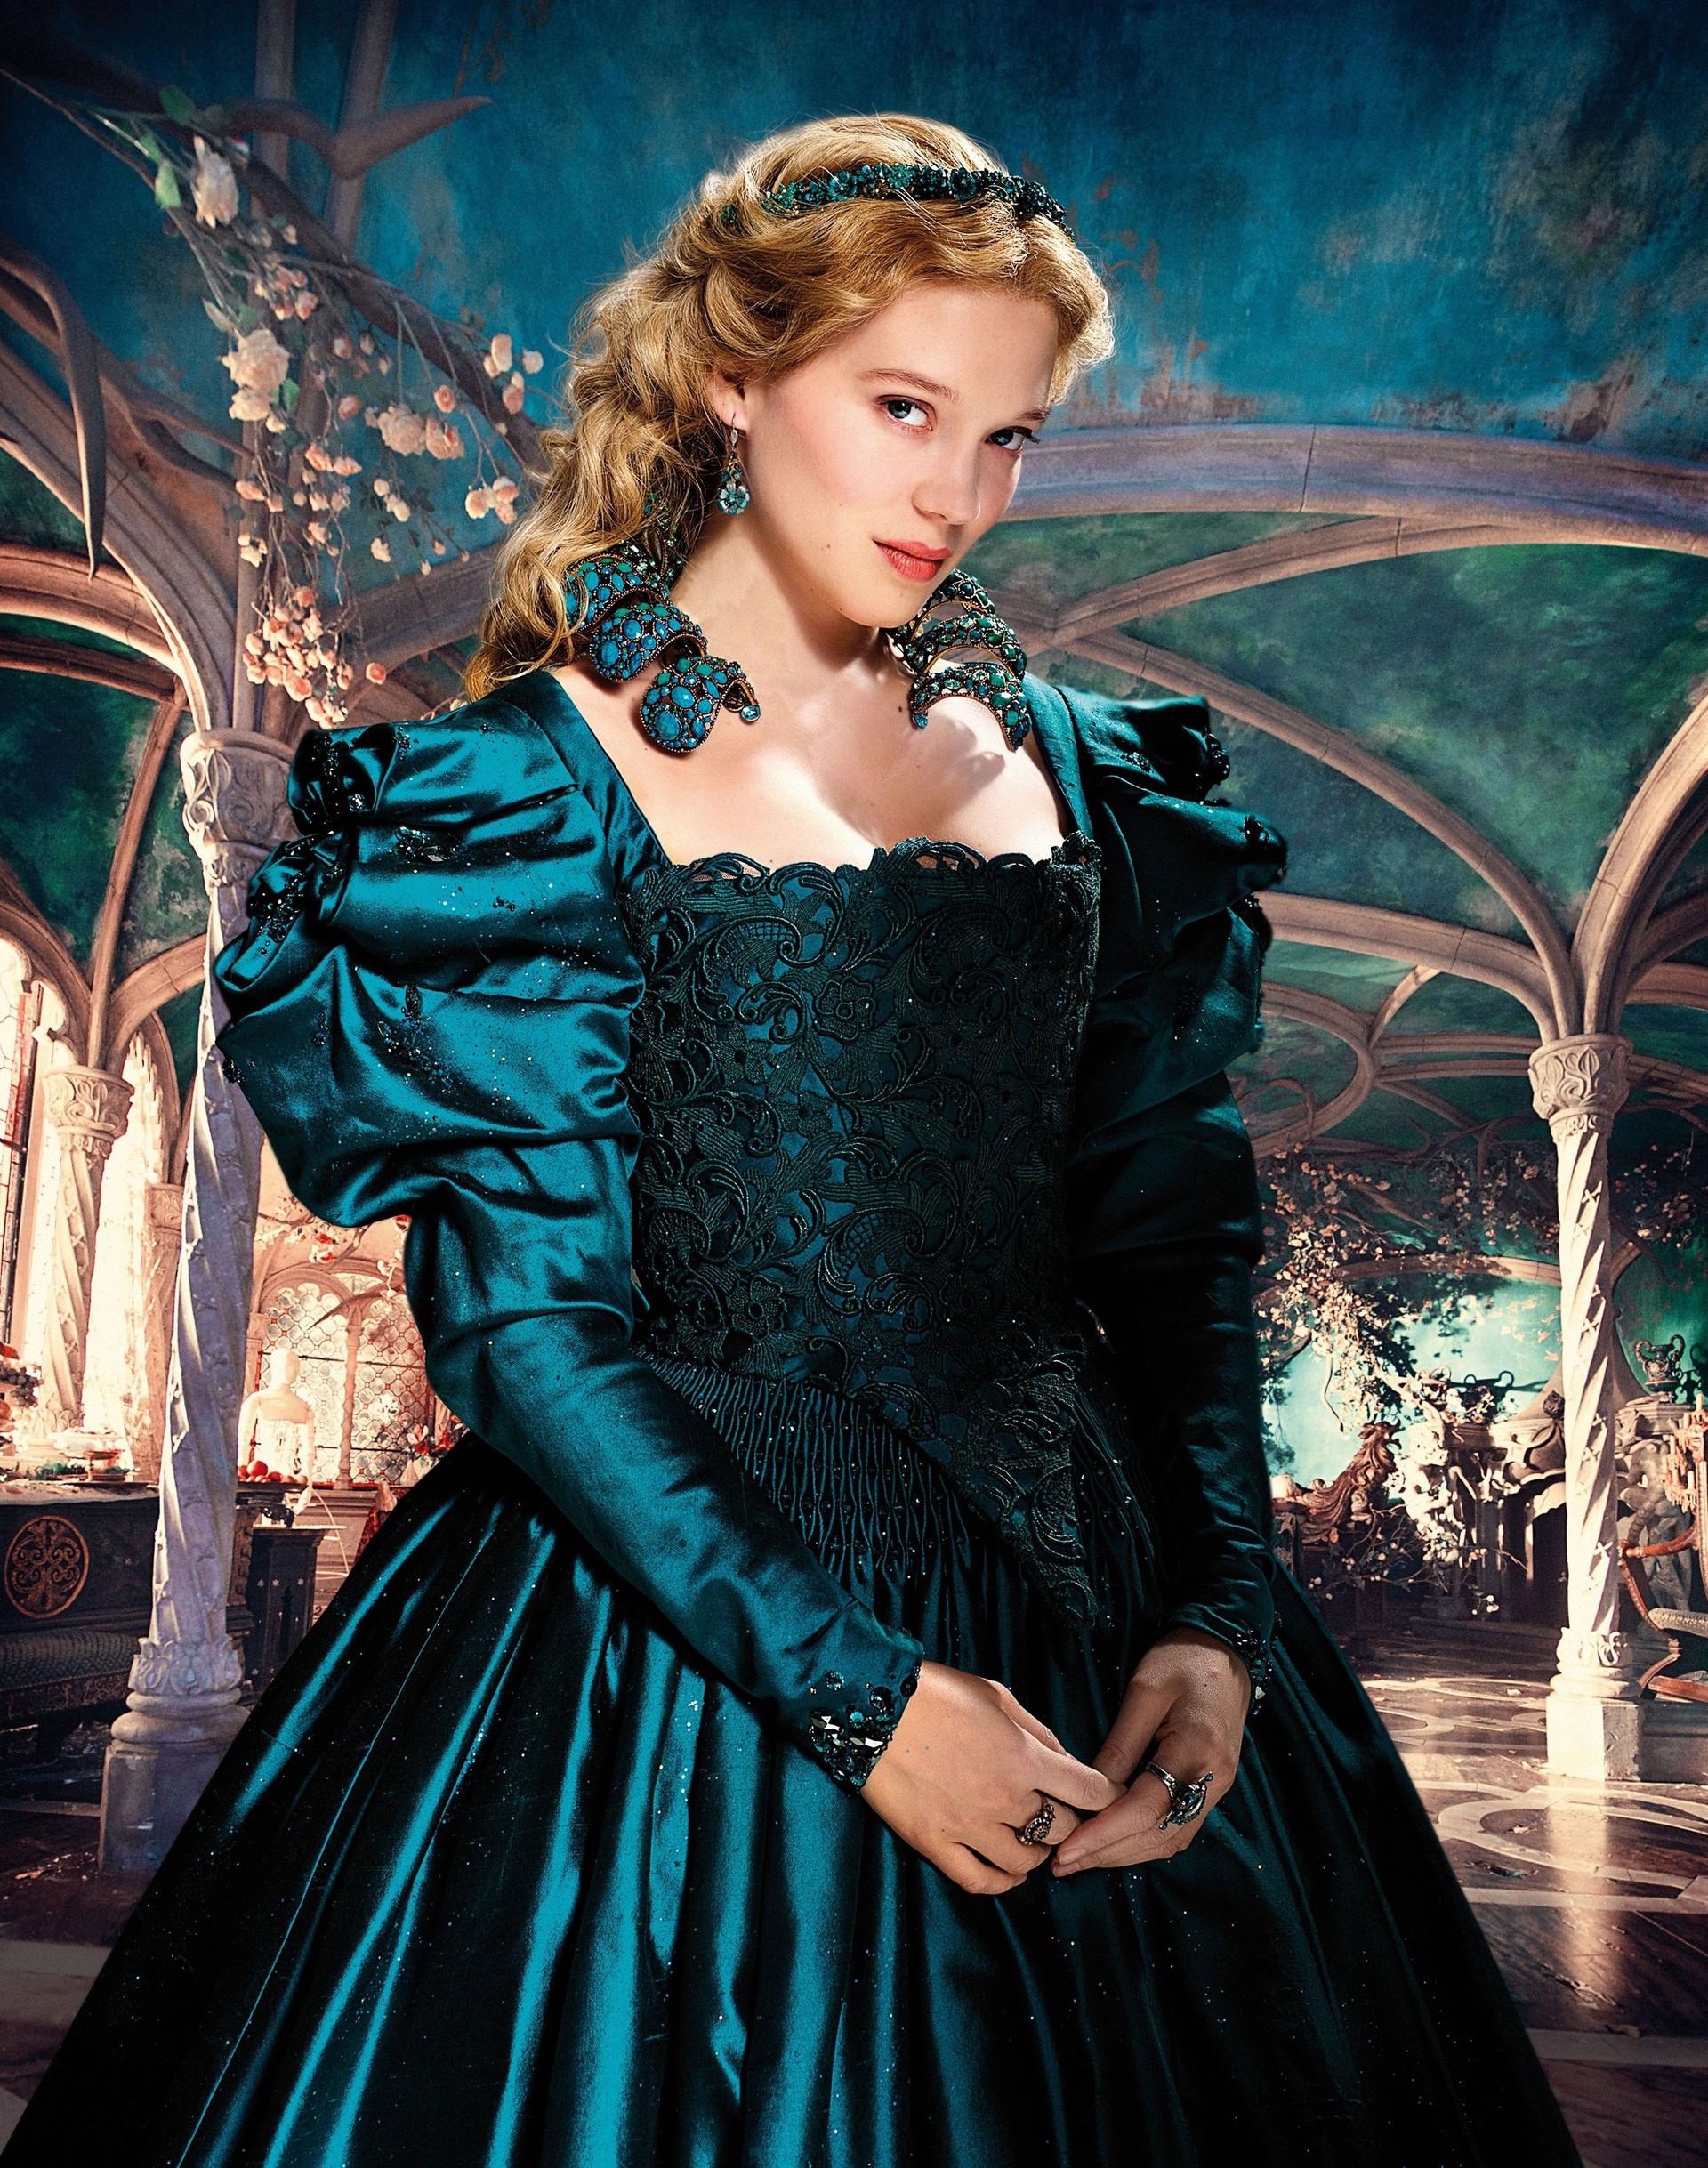 Lea Seydoux As Belle In La Belle Et La Bête Beauty And The